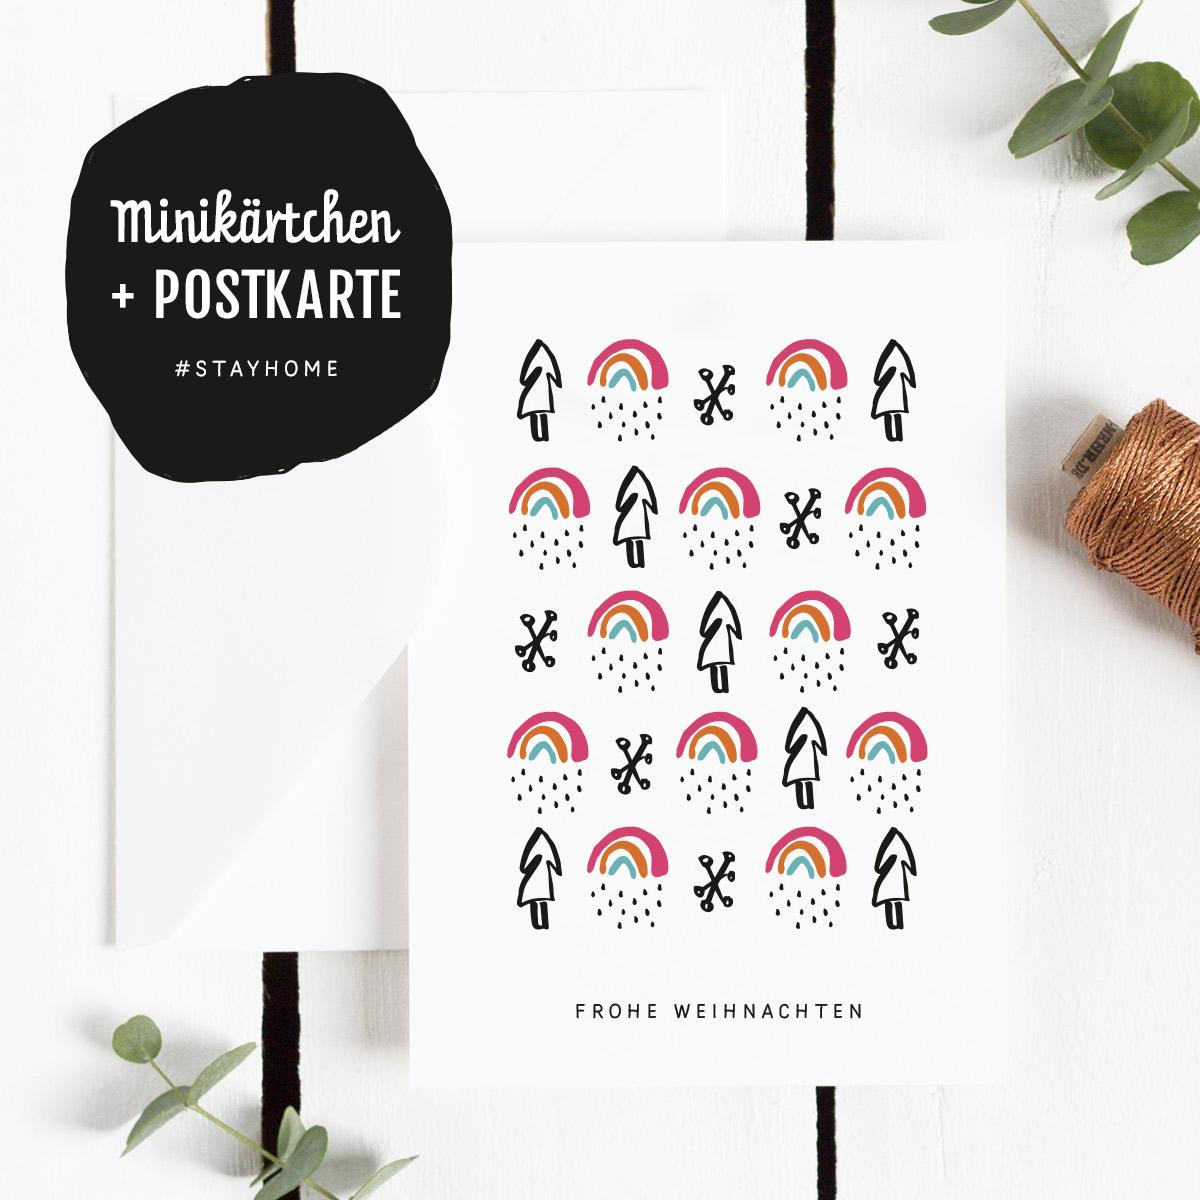 Freebie Postkarte Frohe Weihnachten mit dem Motiv Kleiner Regenbogen